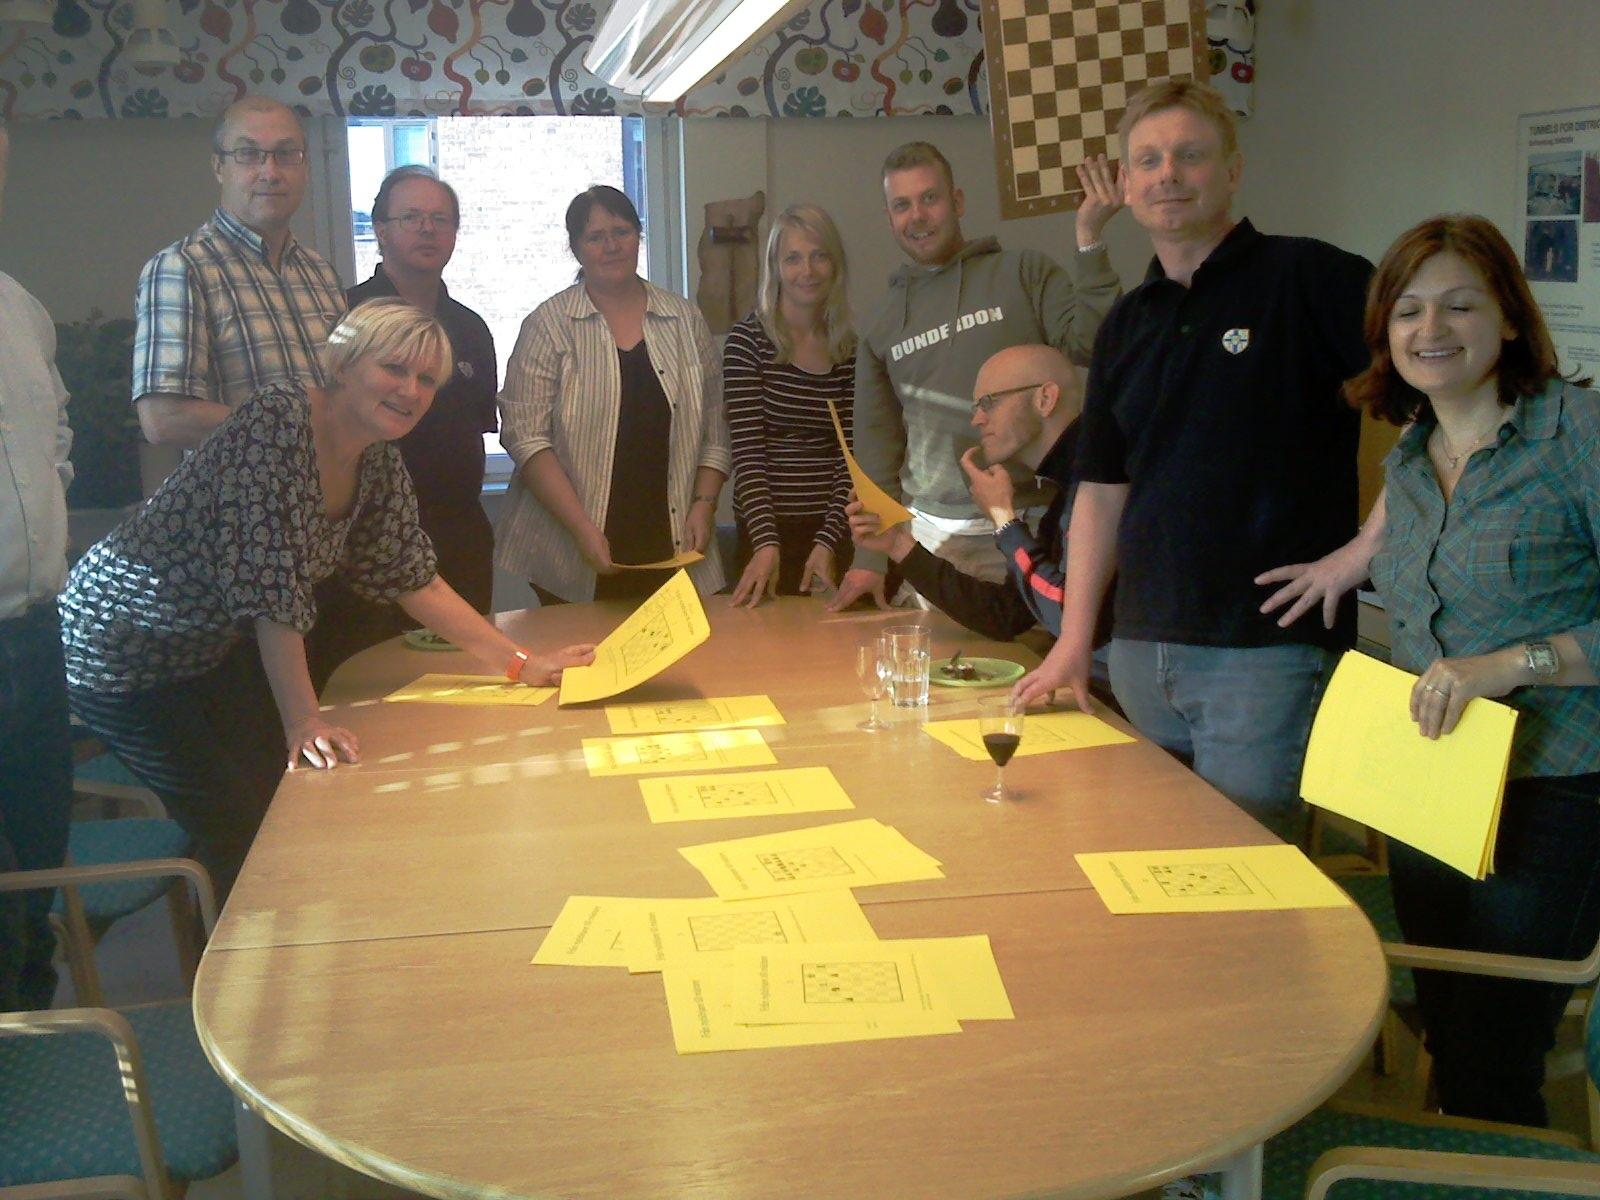 Glada miner bland deltagarna! De gula bladen visar schackproblem att trimma hjärncellerna med